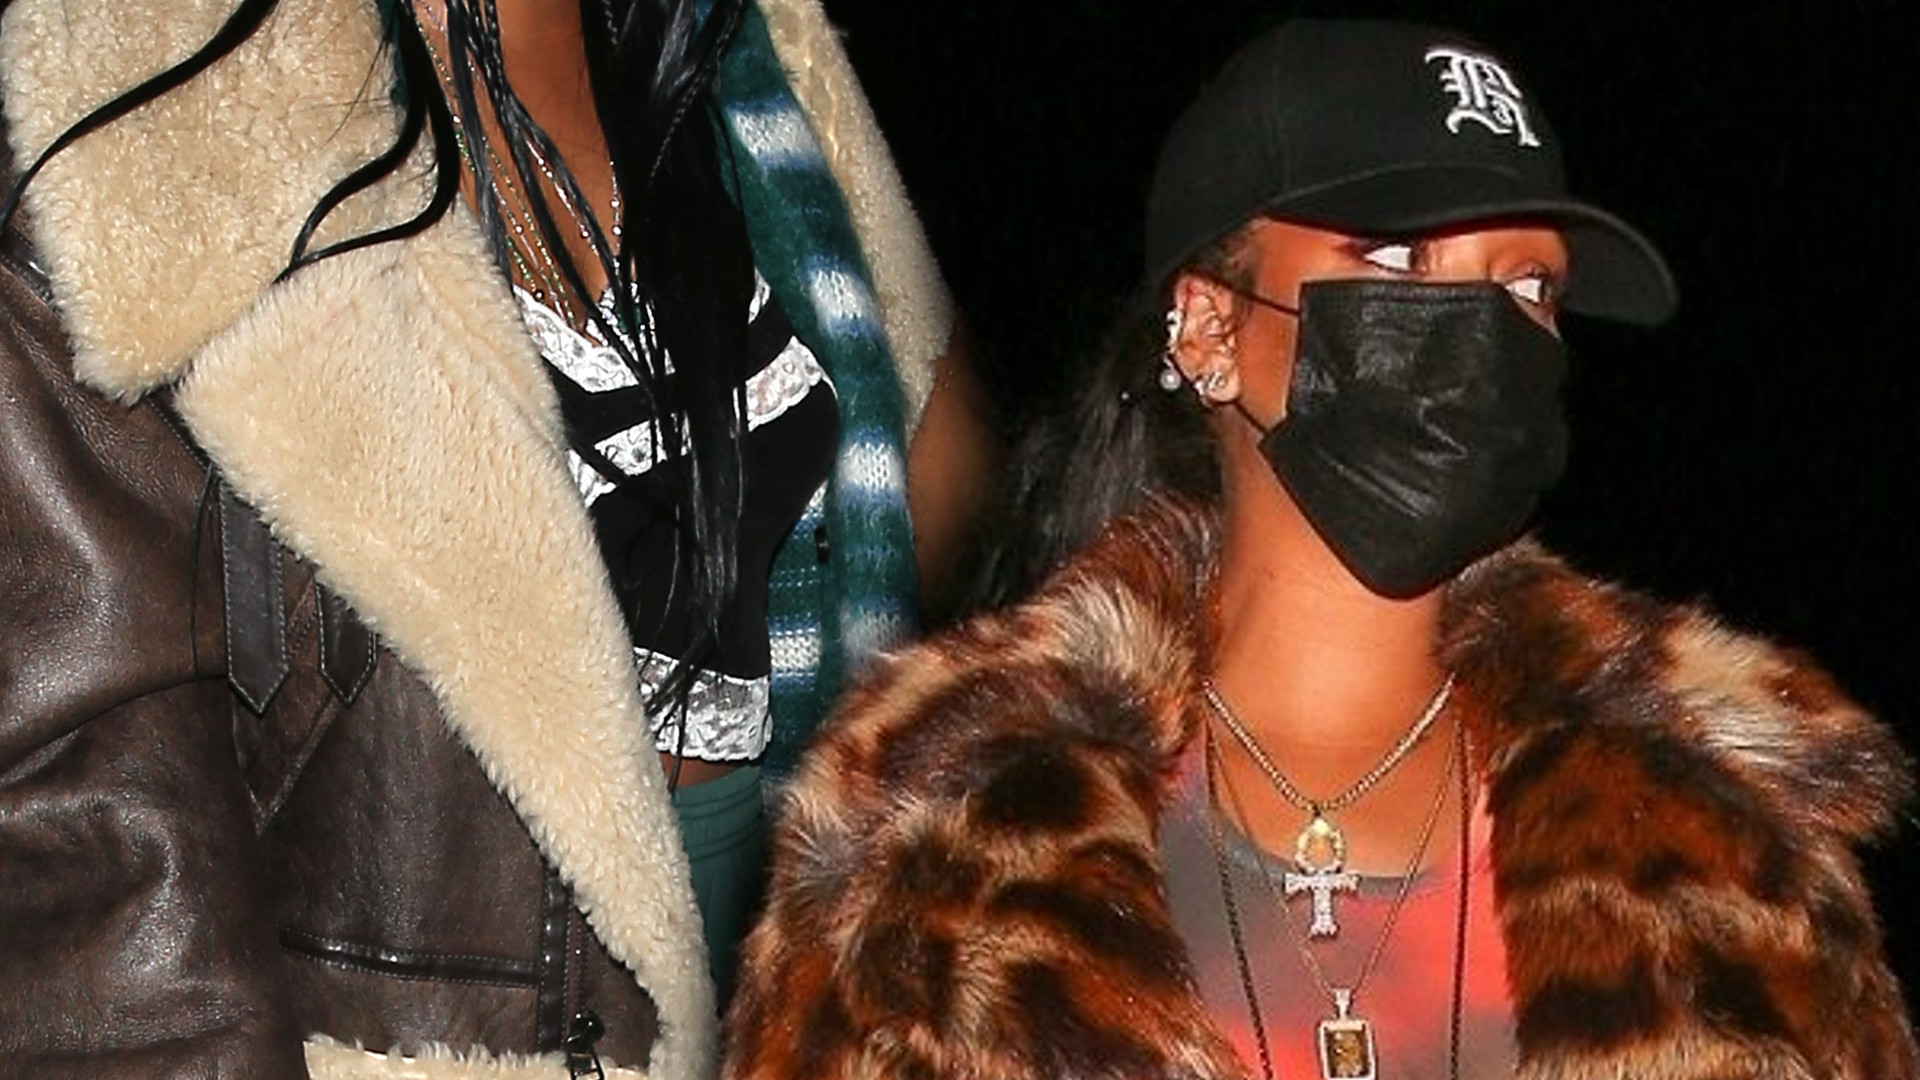 Rihanna zmieniła fryzurę. Zaszalała z metamorfozą włosów